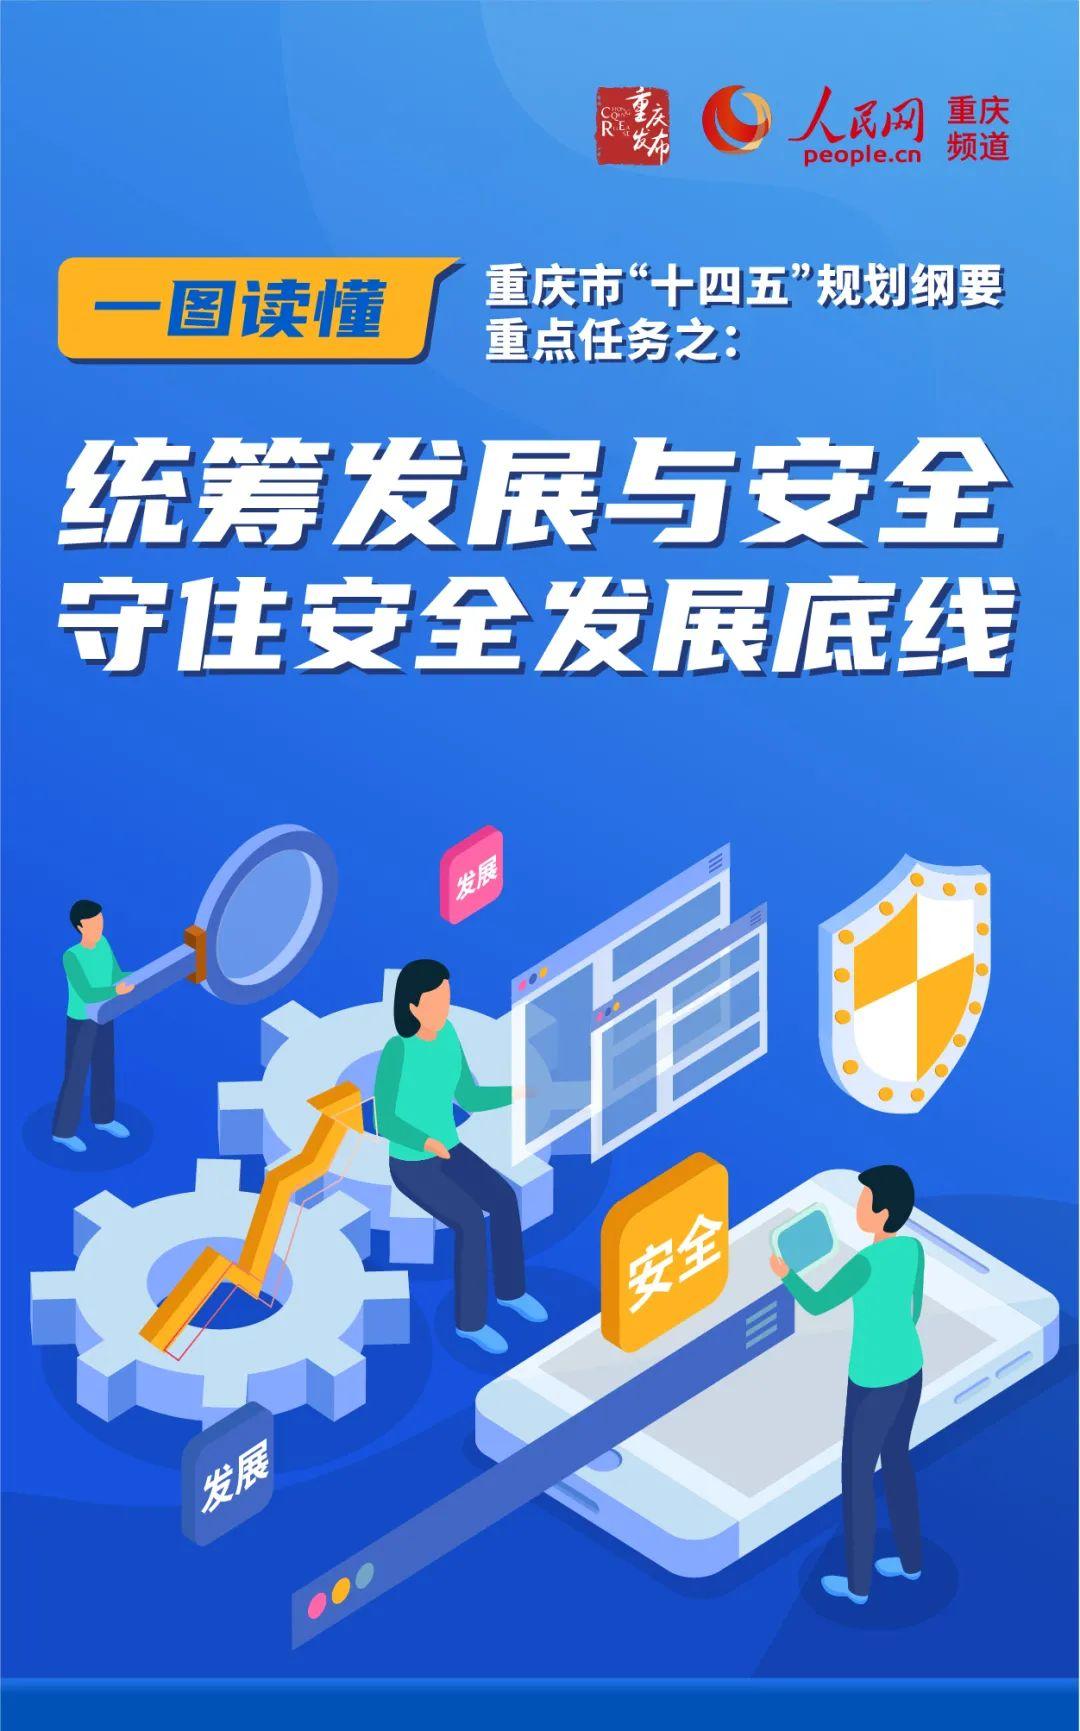 重庆如何安全发展?一图看懂!